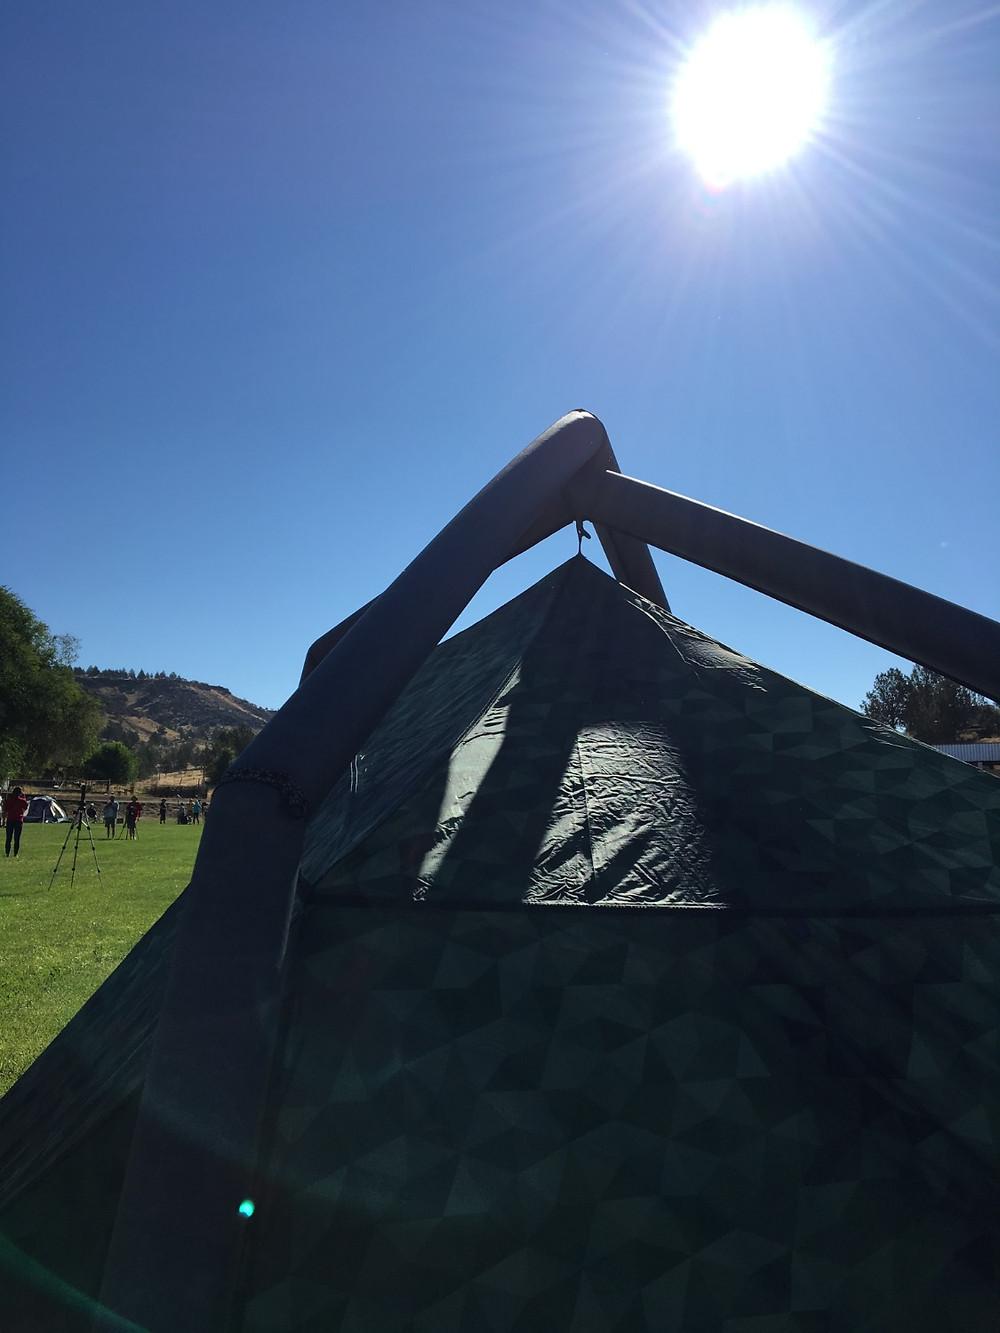 My Heimplanet Tent